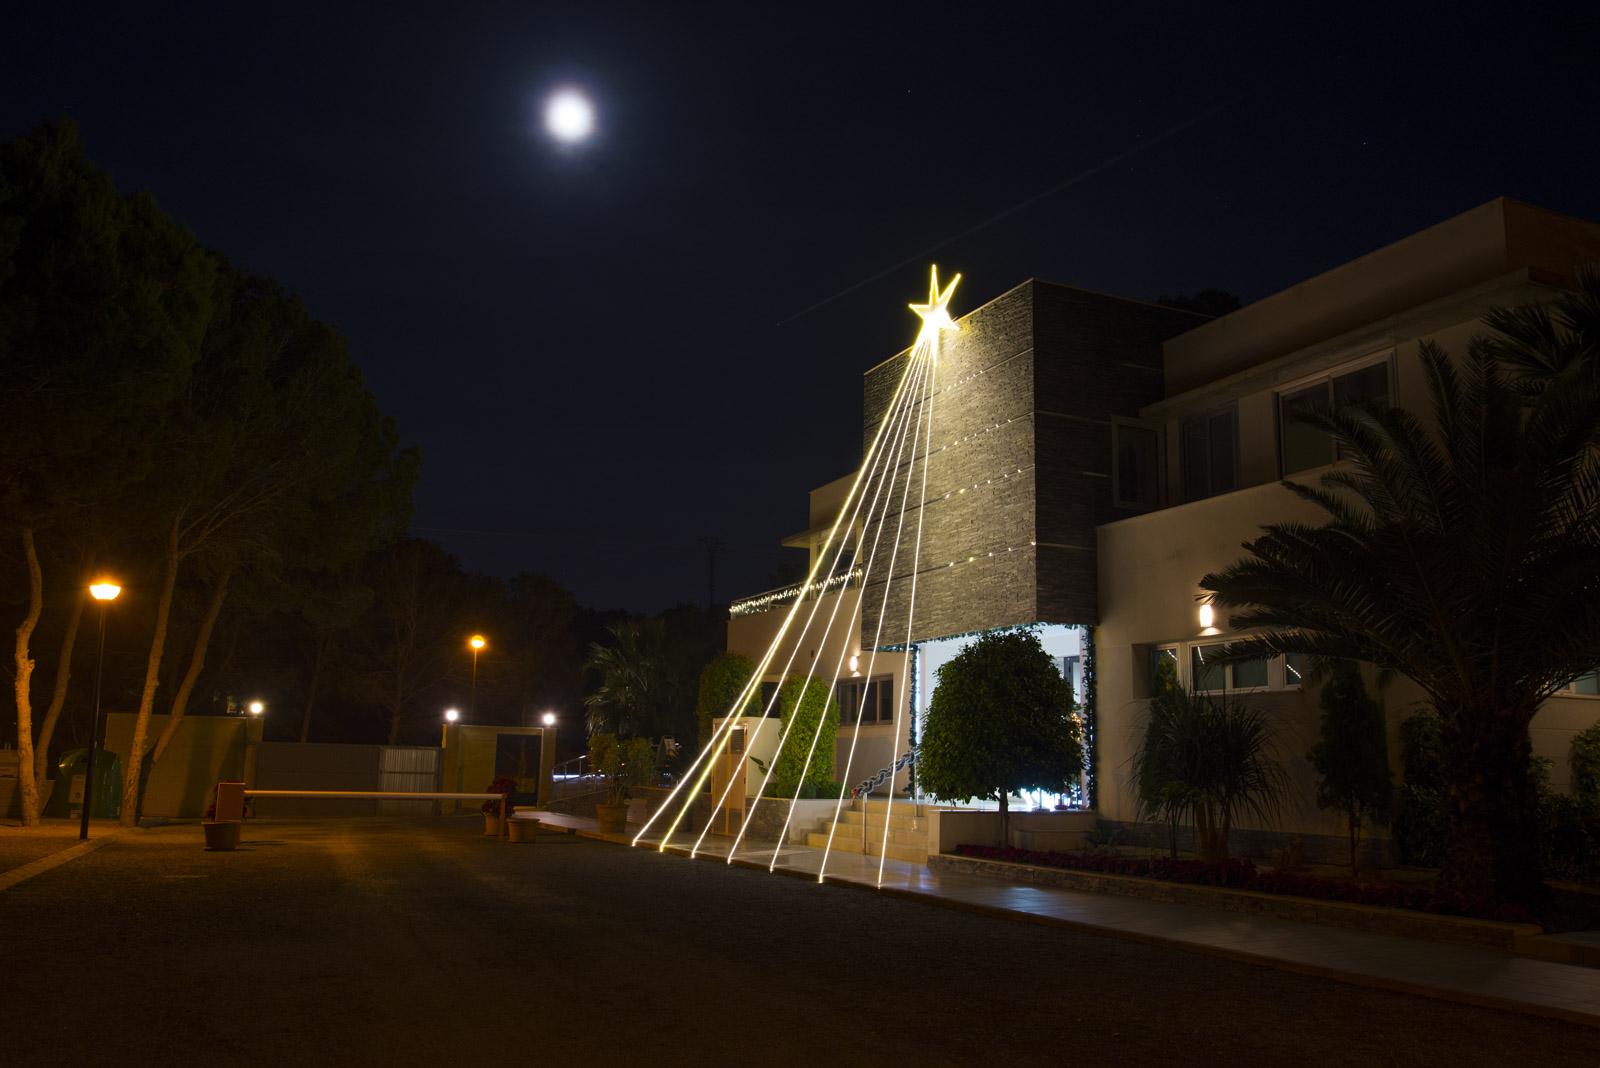 Fin julebelysning på hovedbygget